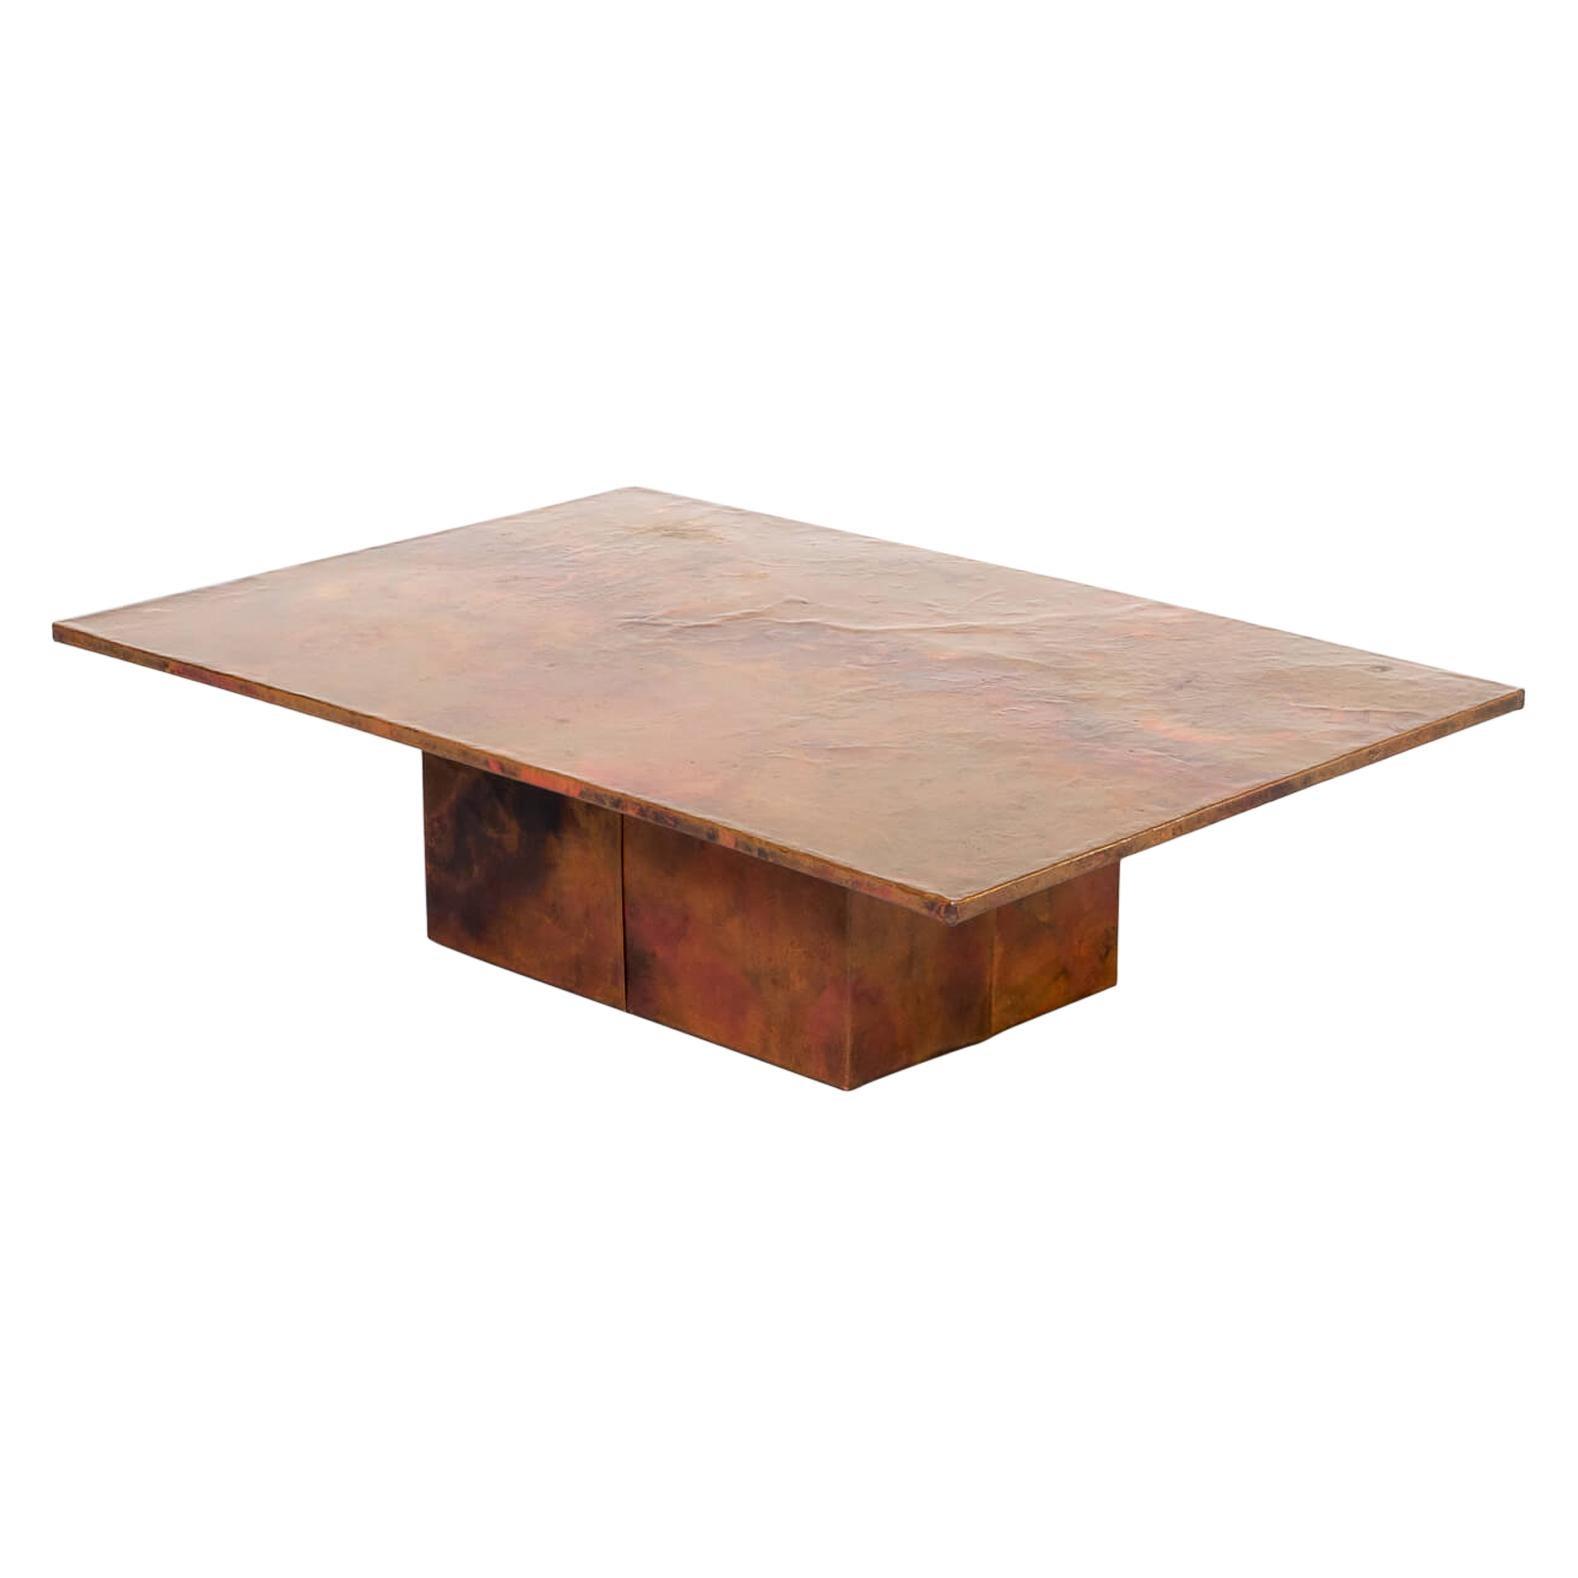 70s Artwork Copper Rare Coffee Table